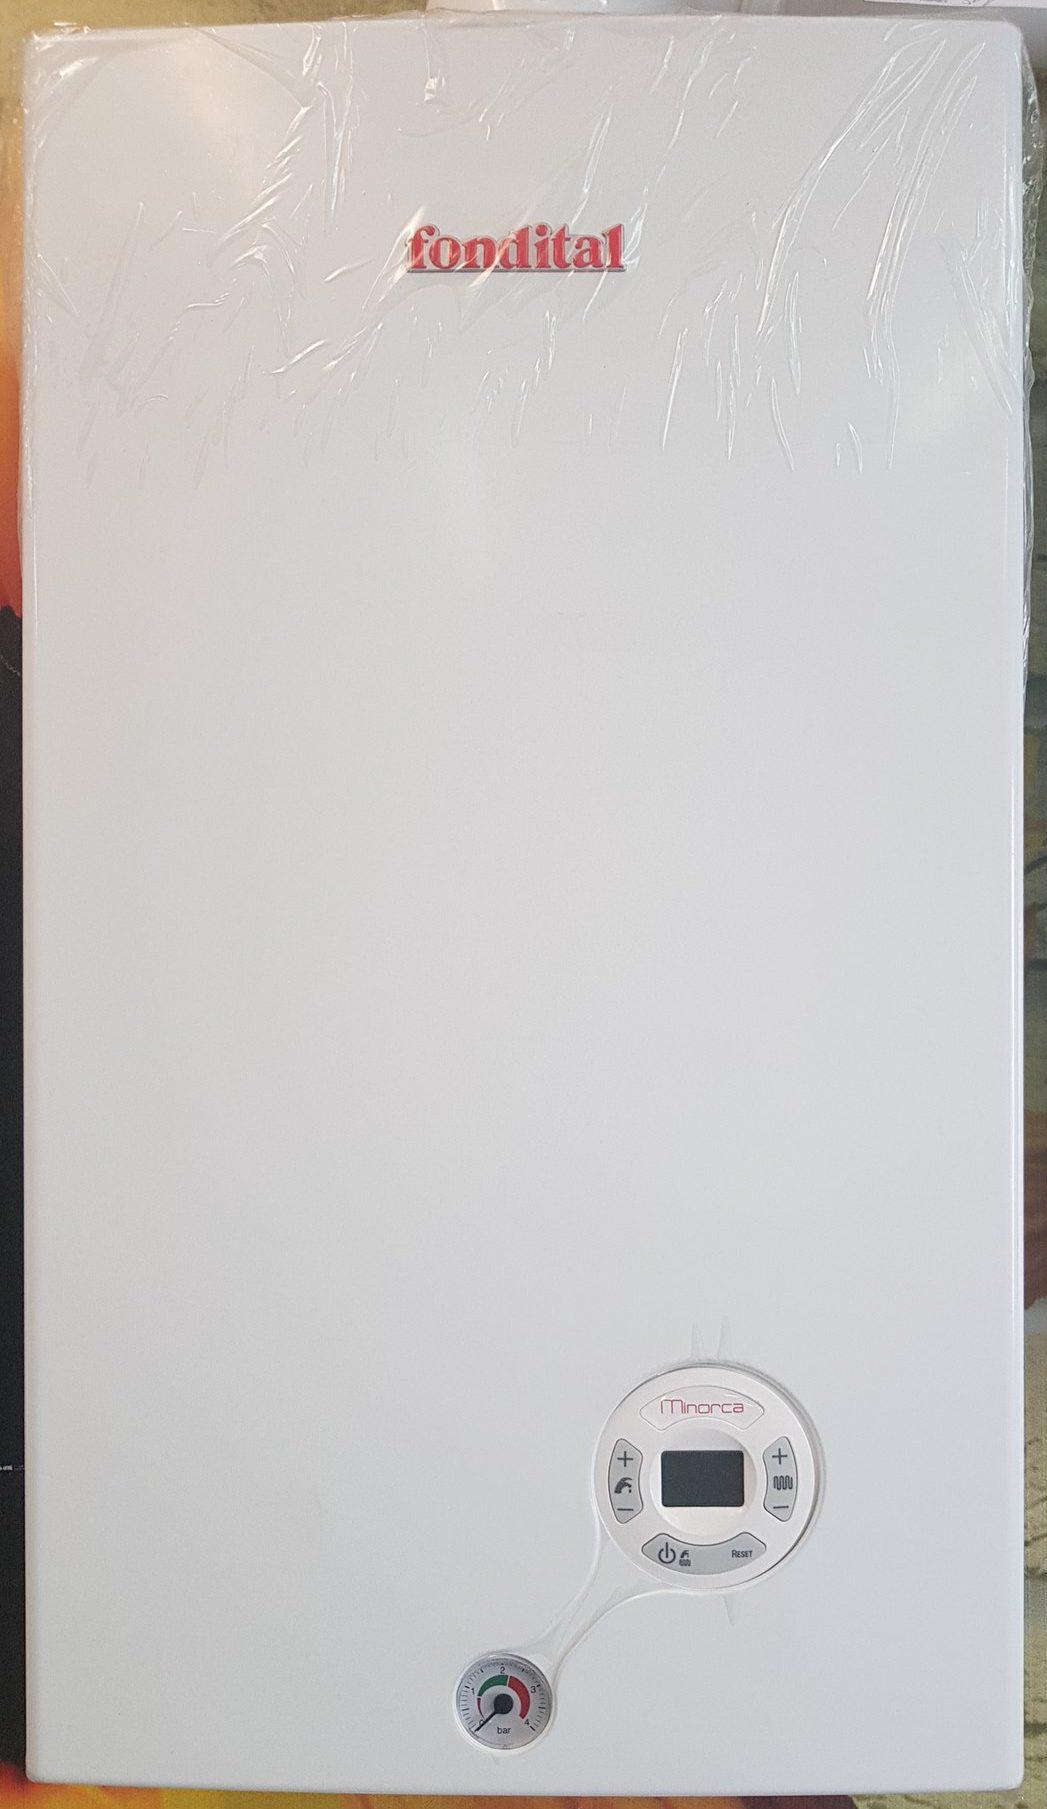 Продажа пусконаладка ремонт обзор котла Fondital Minorca запасные части